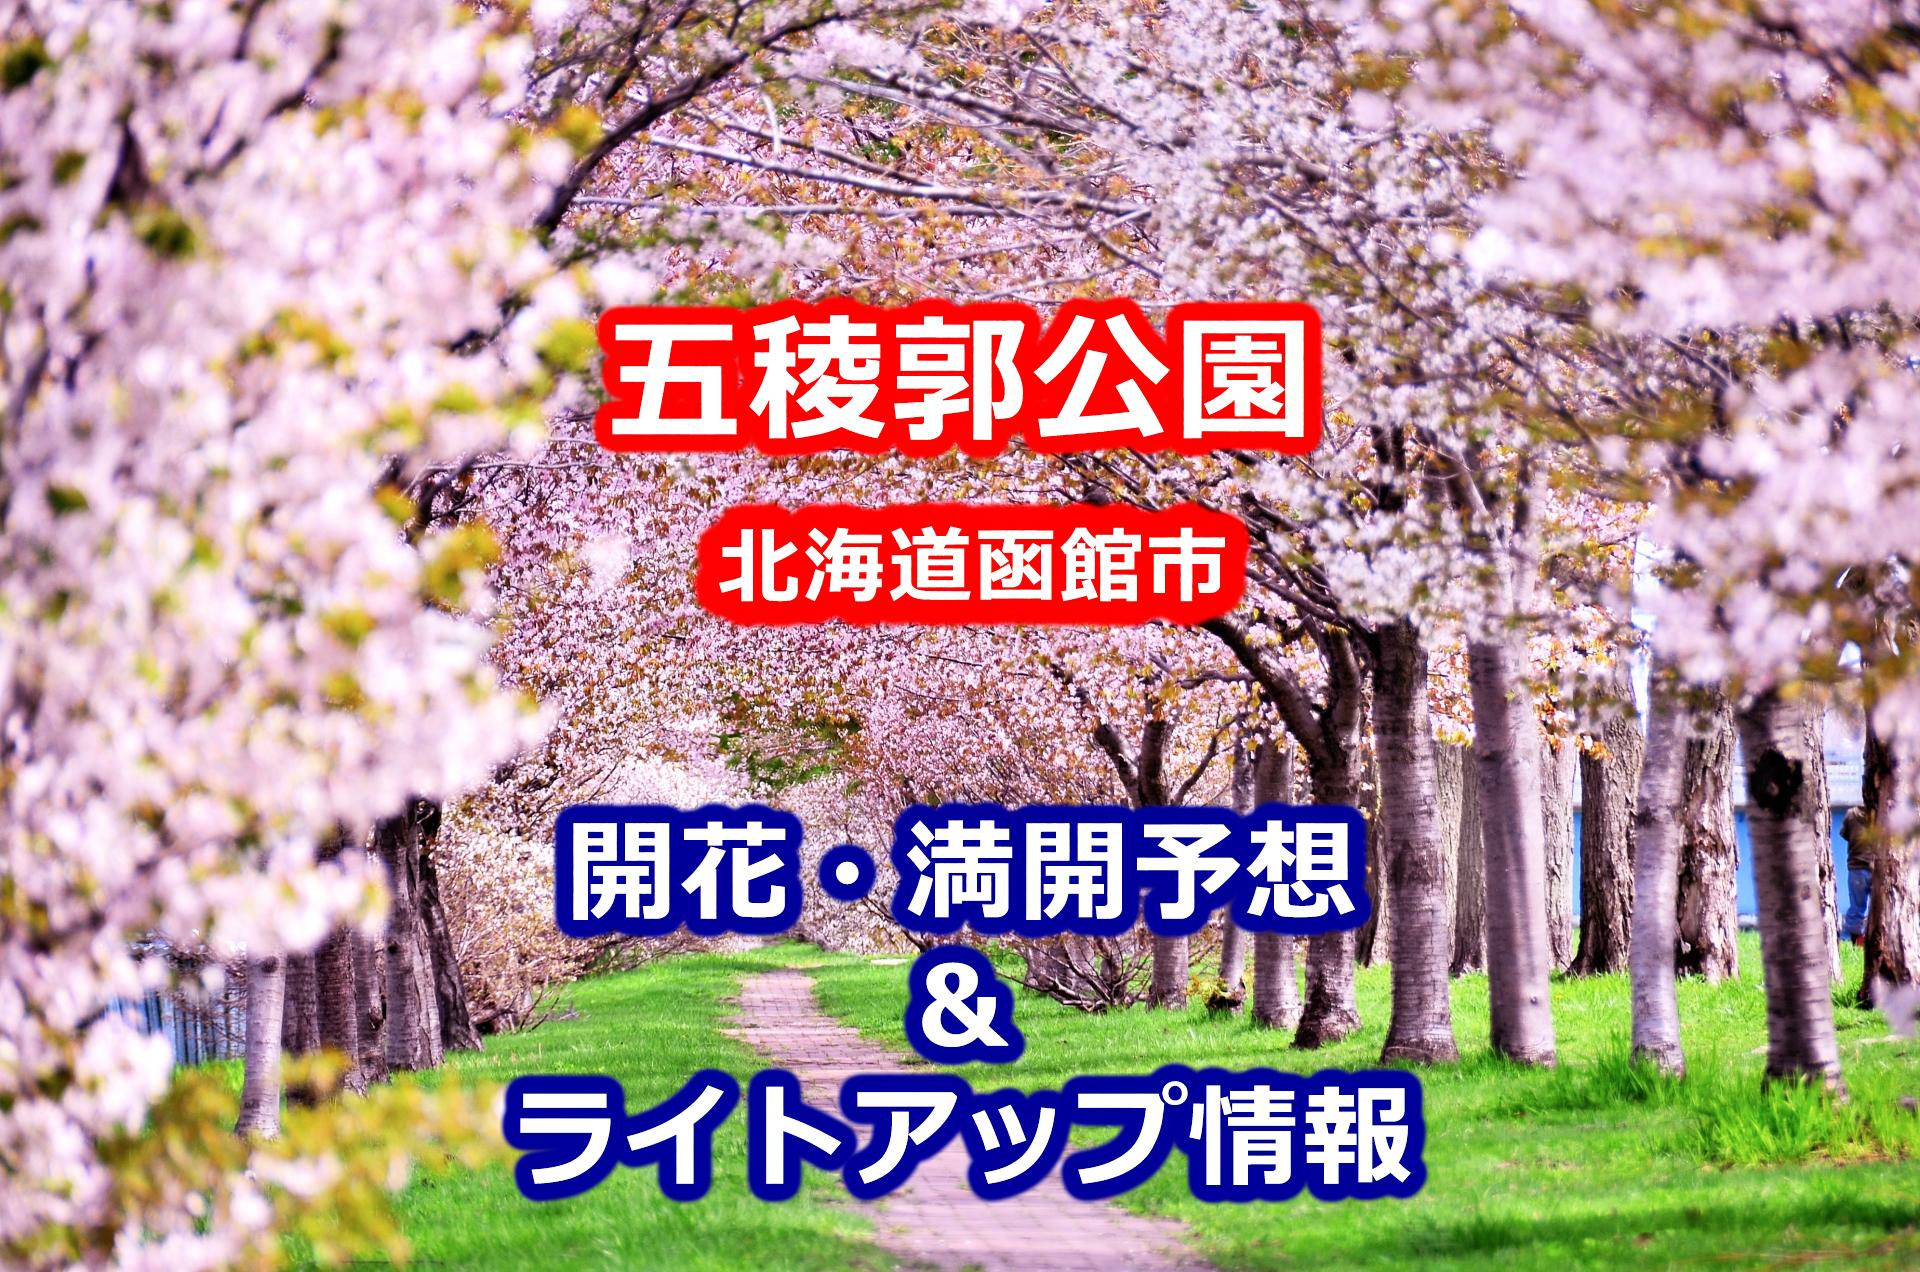 2020年五稜郭公園の桜開花・満開予想とライトアップ情報